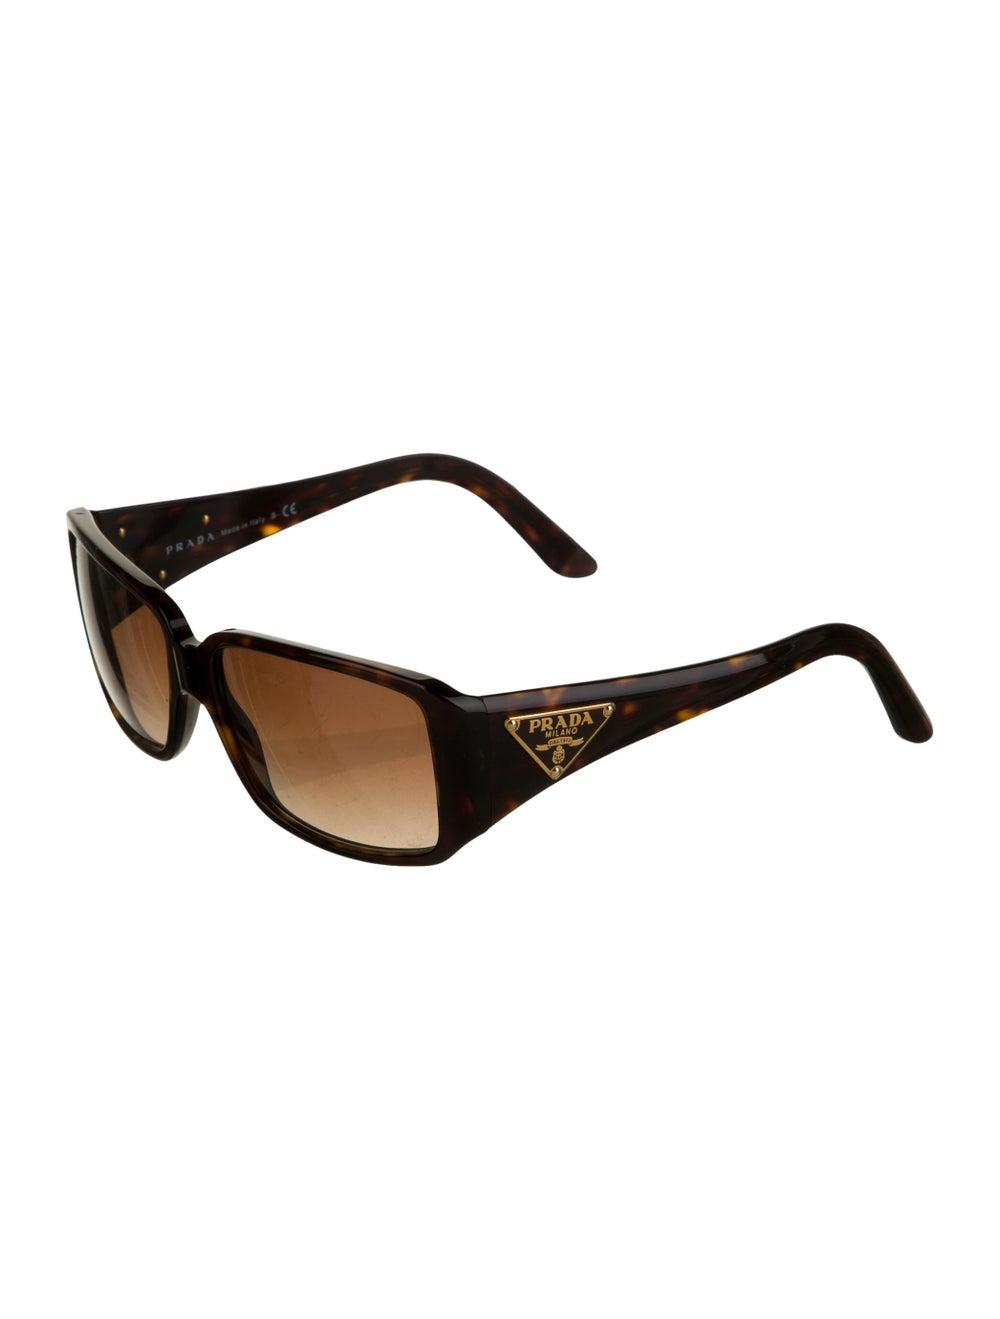 Prada Square Gradient Sunglasses Brown - image 2